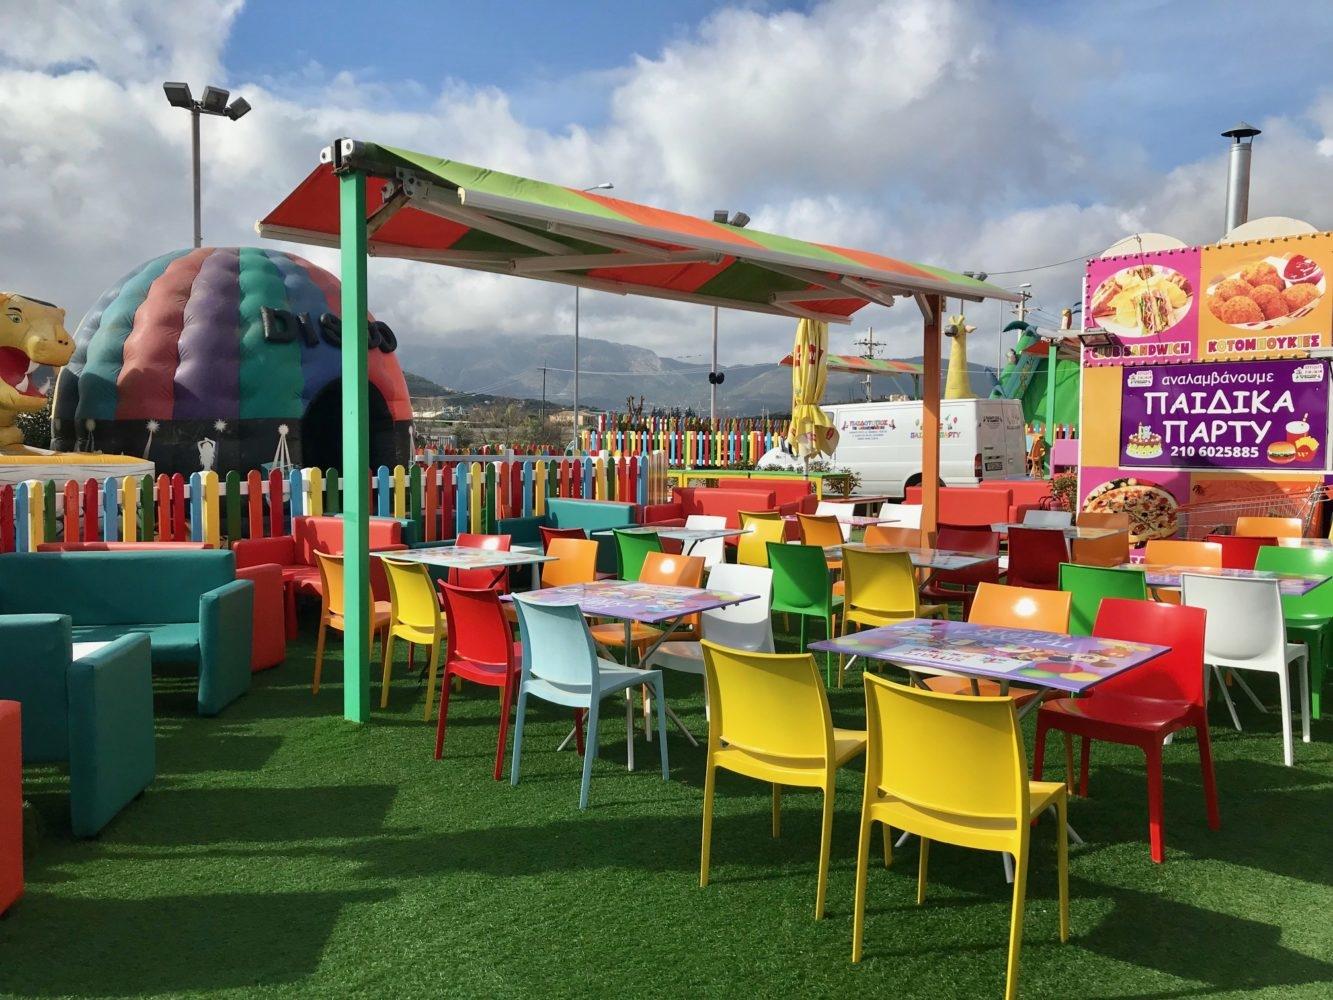 Activité pour enfants à Athènes : les jeux gonflables du smart playland de spata